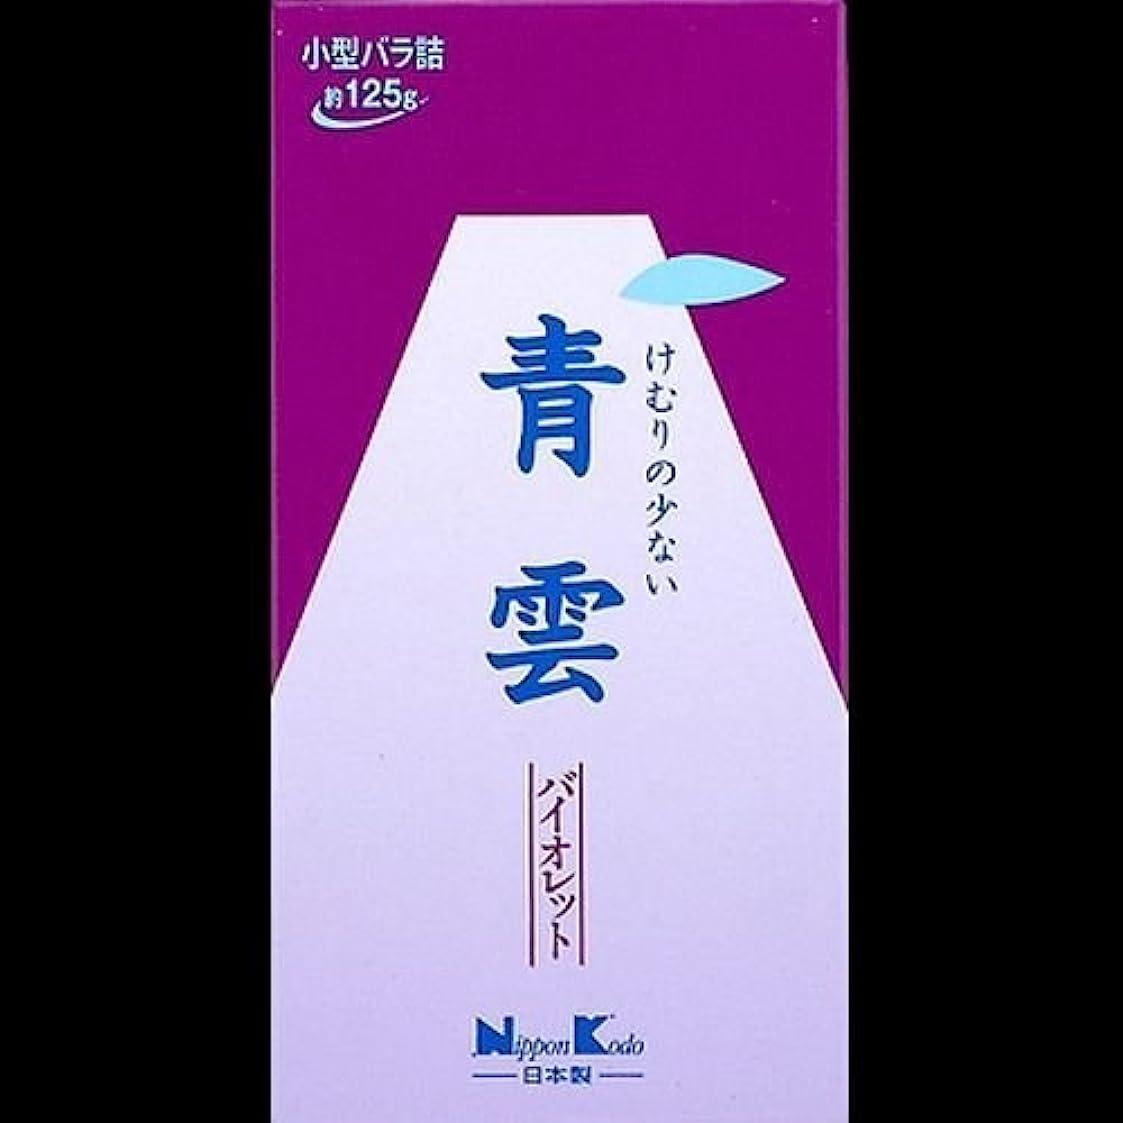 引退した激怒と闘う【まとめ買い】青雲 バイオレット小型バラ詰 ×2セット